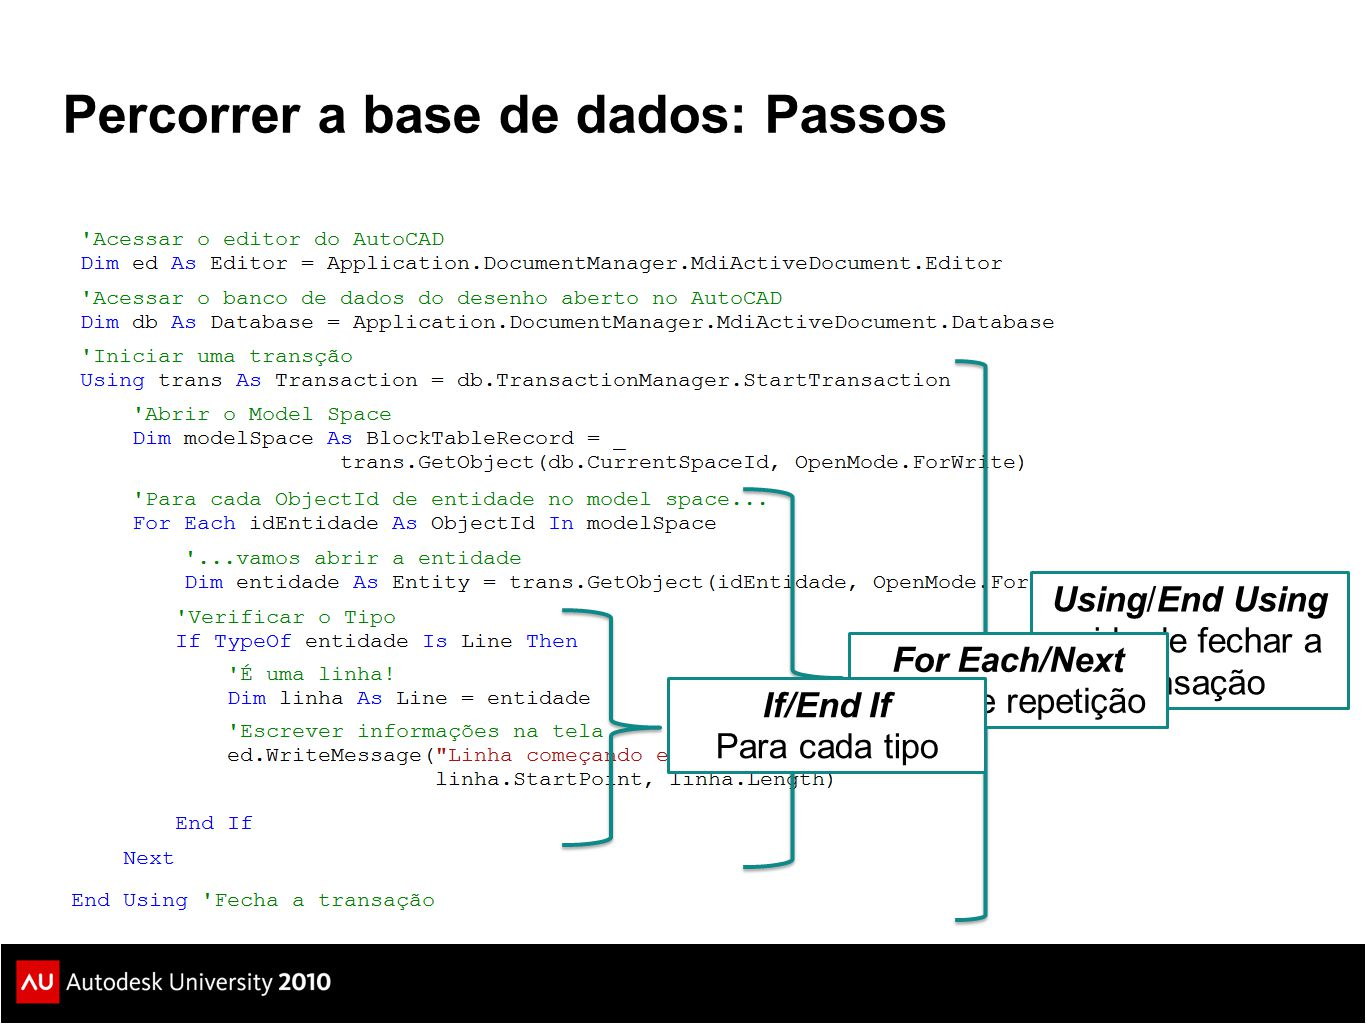 Percorrer a base de dados: Passos Using/End Using cuida de fechar a transação For Each/Next Loop de repetição If/End If Para cada tipo